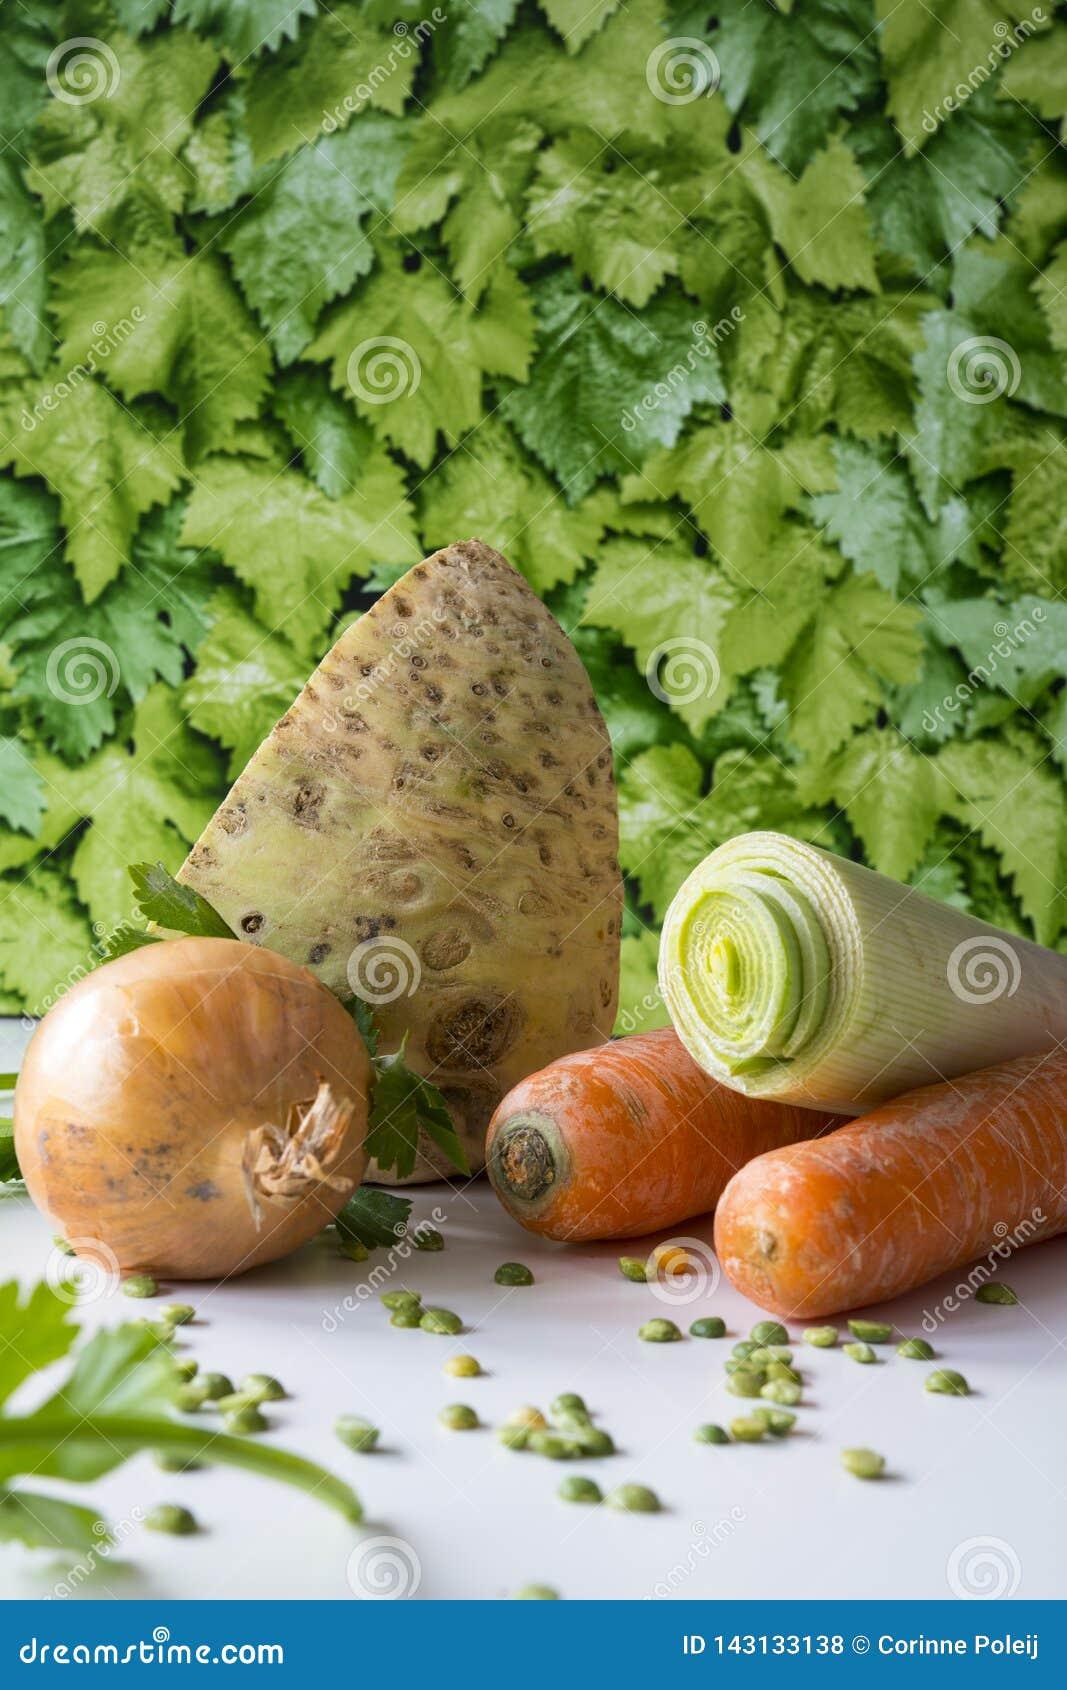 Zanahorias, unión, puerro, perejil, guisantes partidos en la tabla blanca, backgrund verde de las hojas